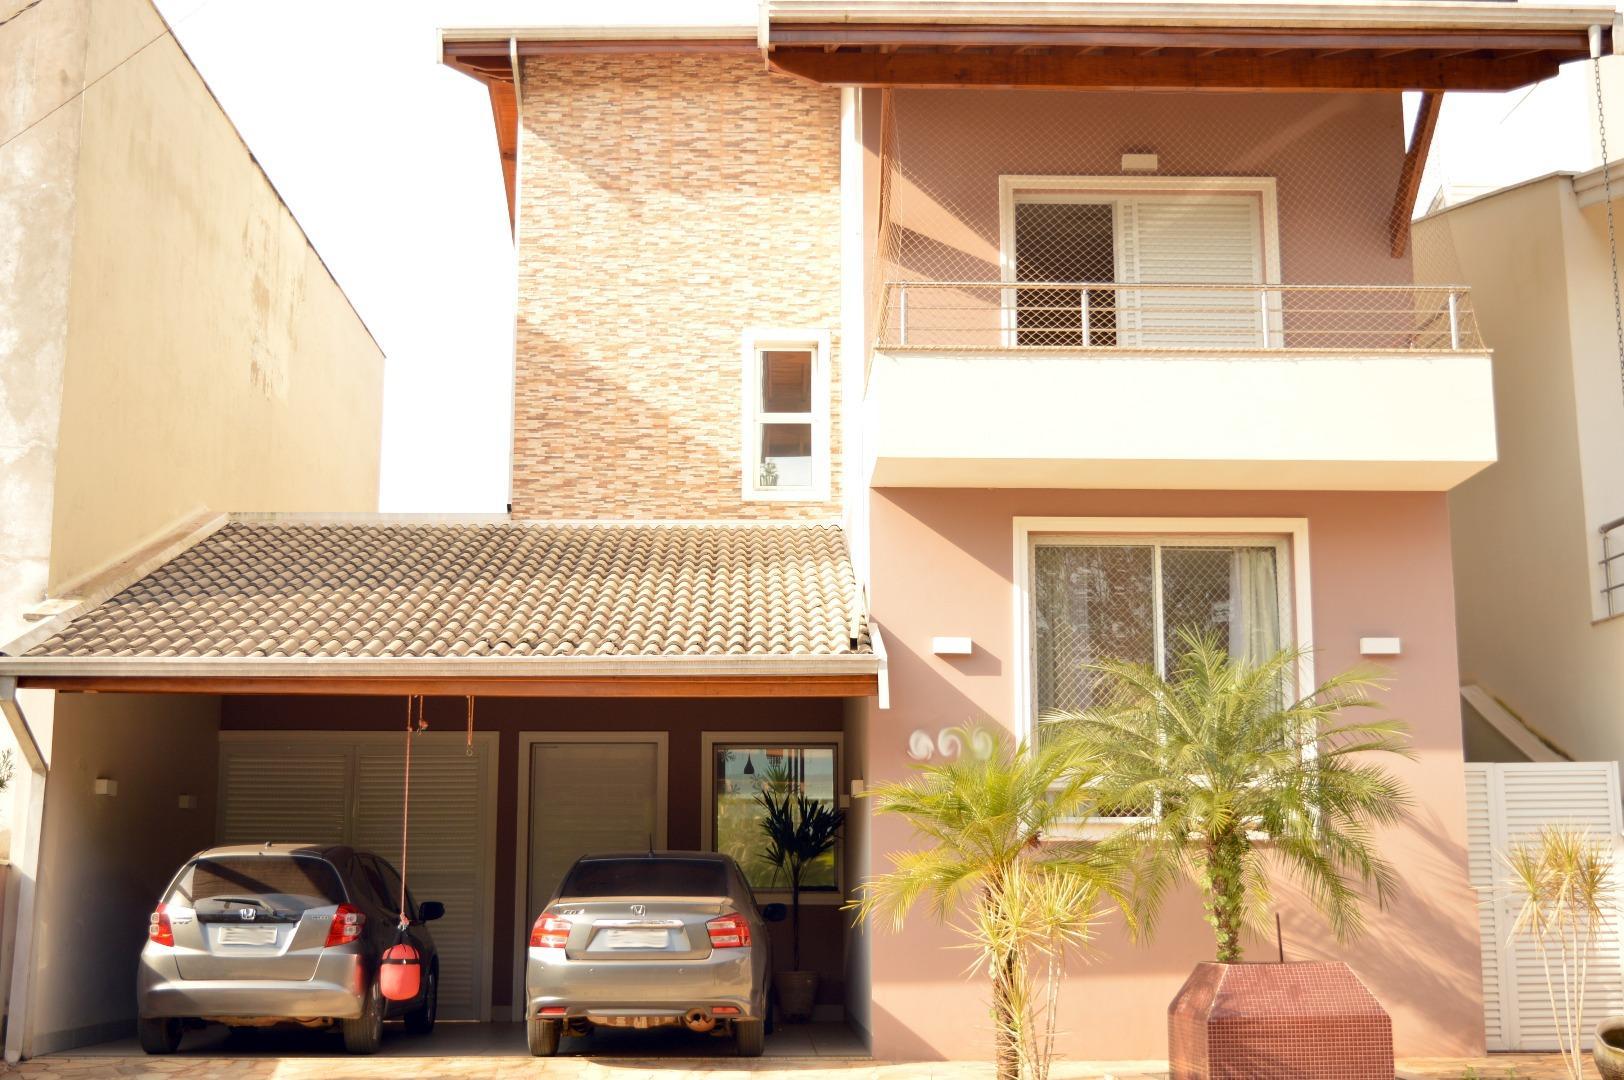 Sobrado no Residencial Amália Luiza em Sumaré - SP